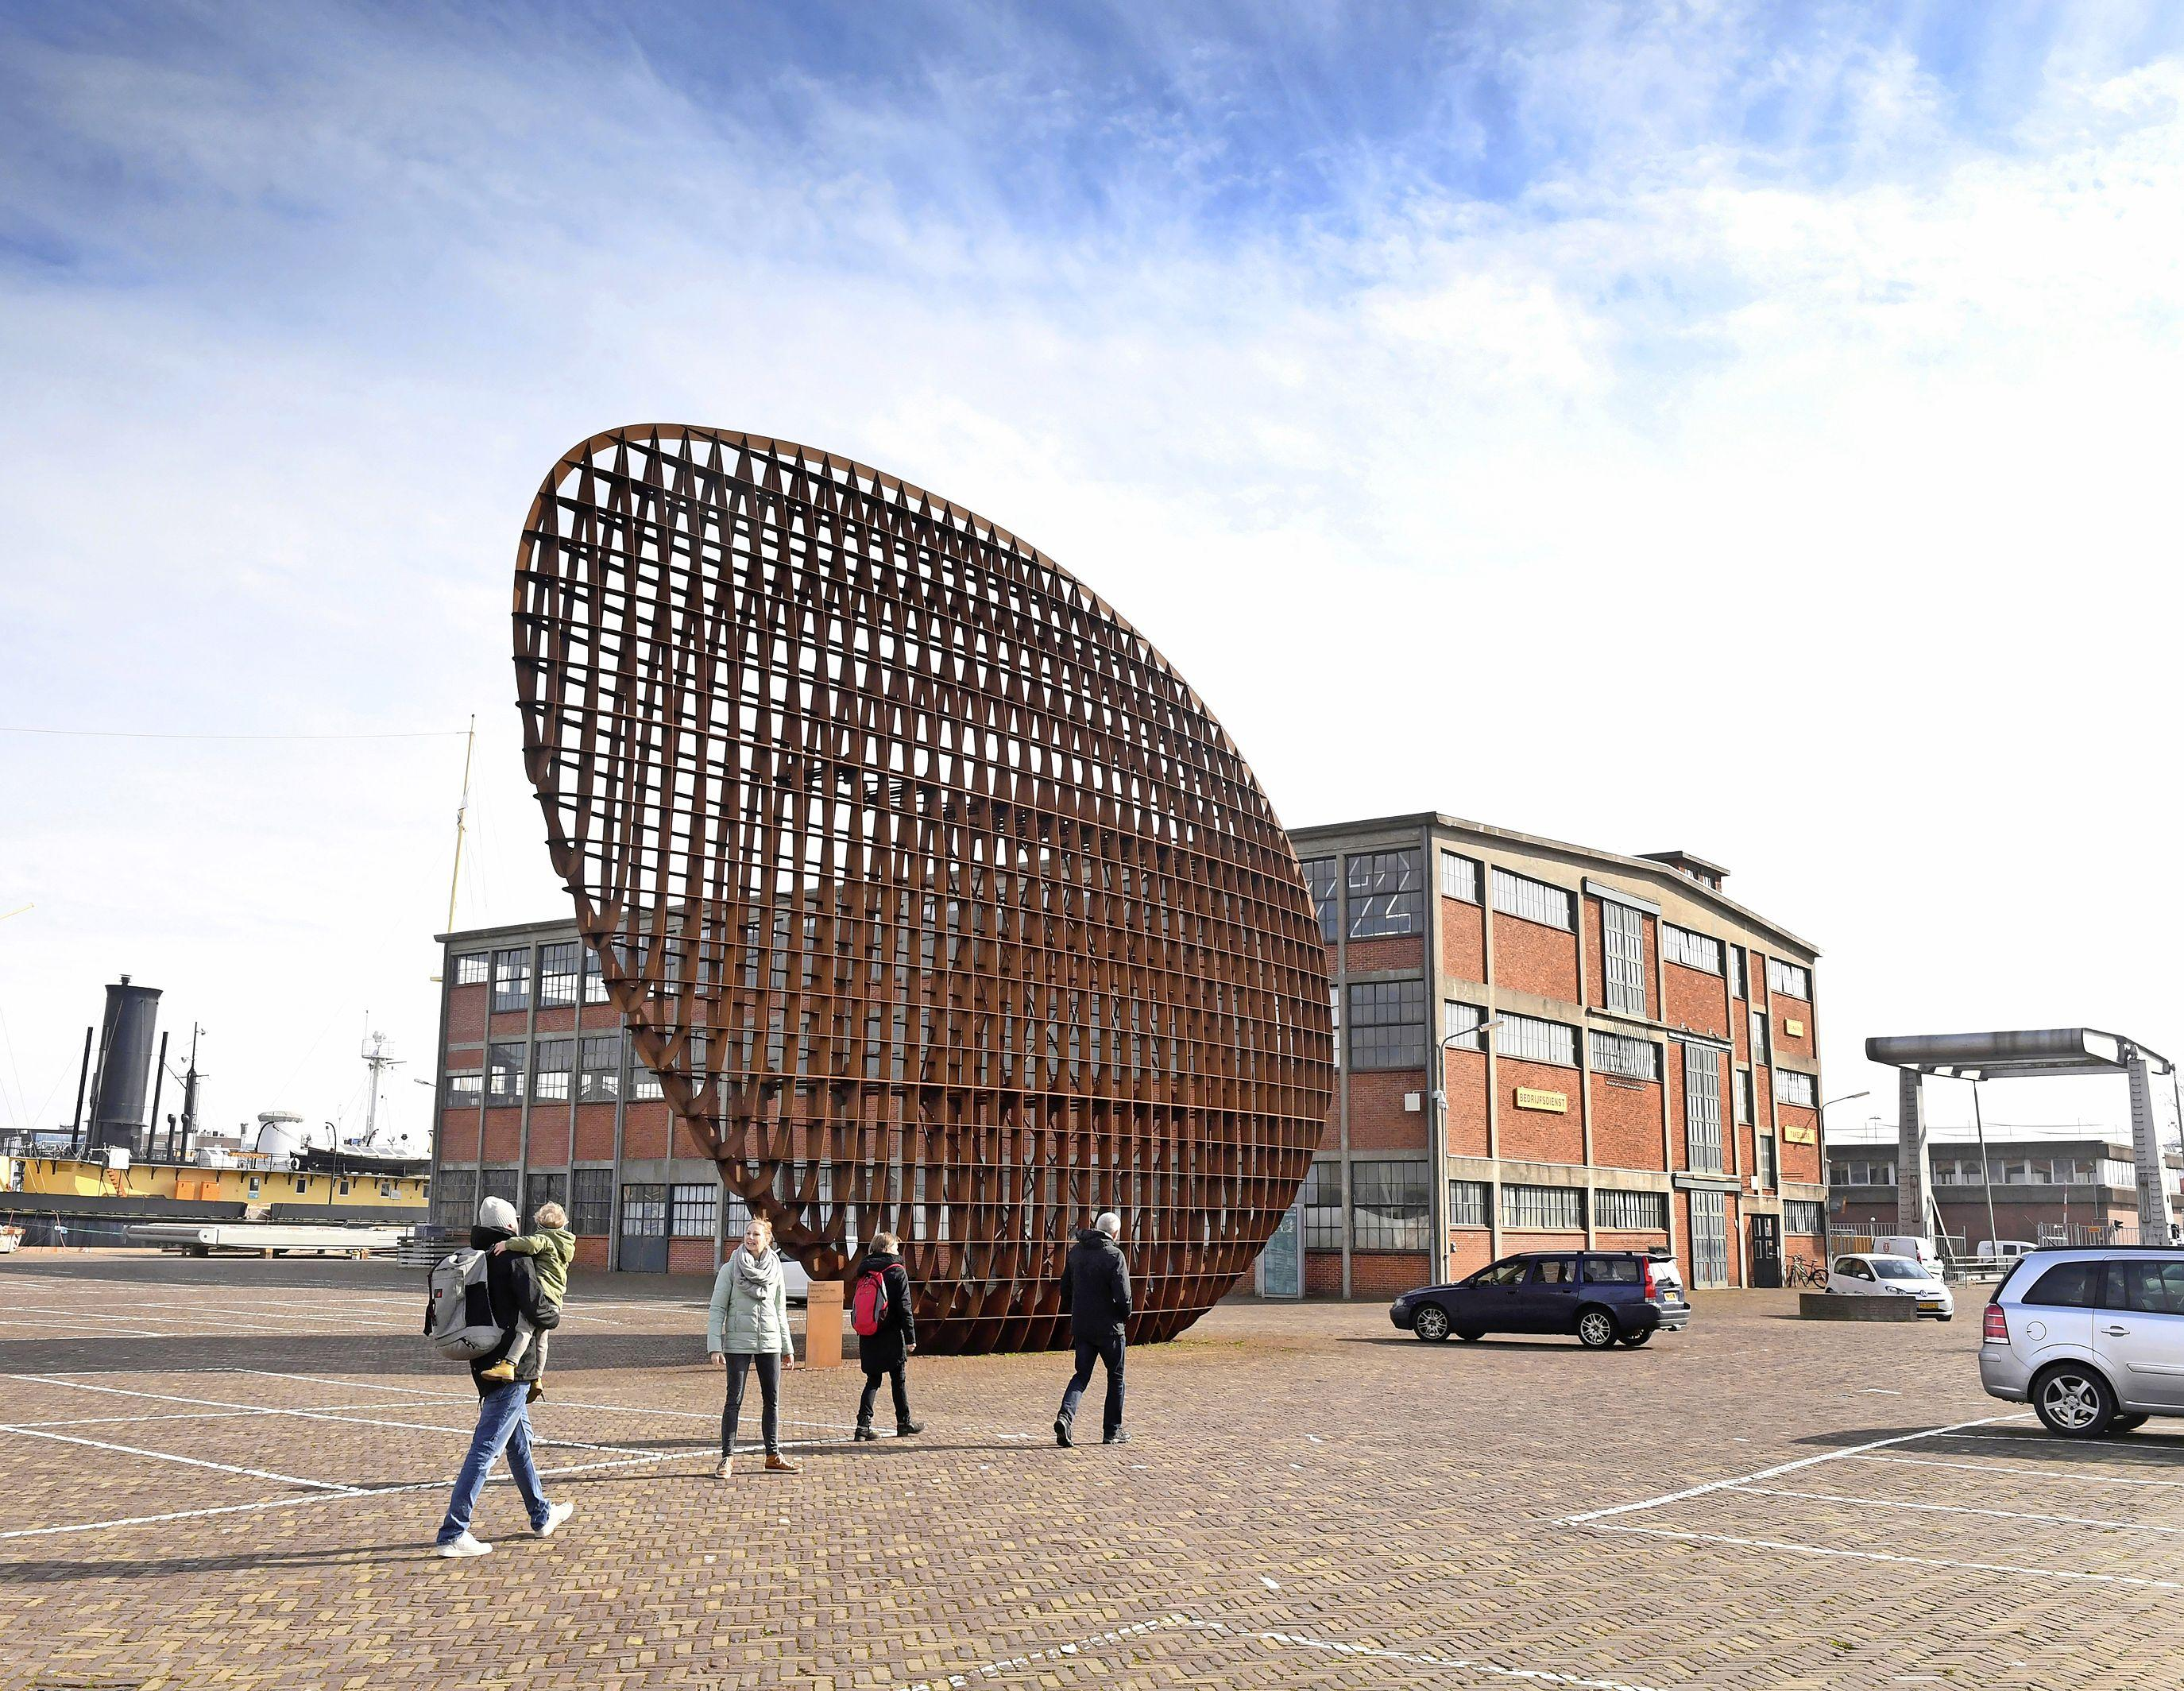 Oppositiepartijen gemeenteraad Den Helder weten nog niet of zij het stadhuisplan zelf laten onderzoeken